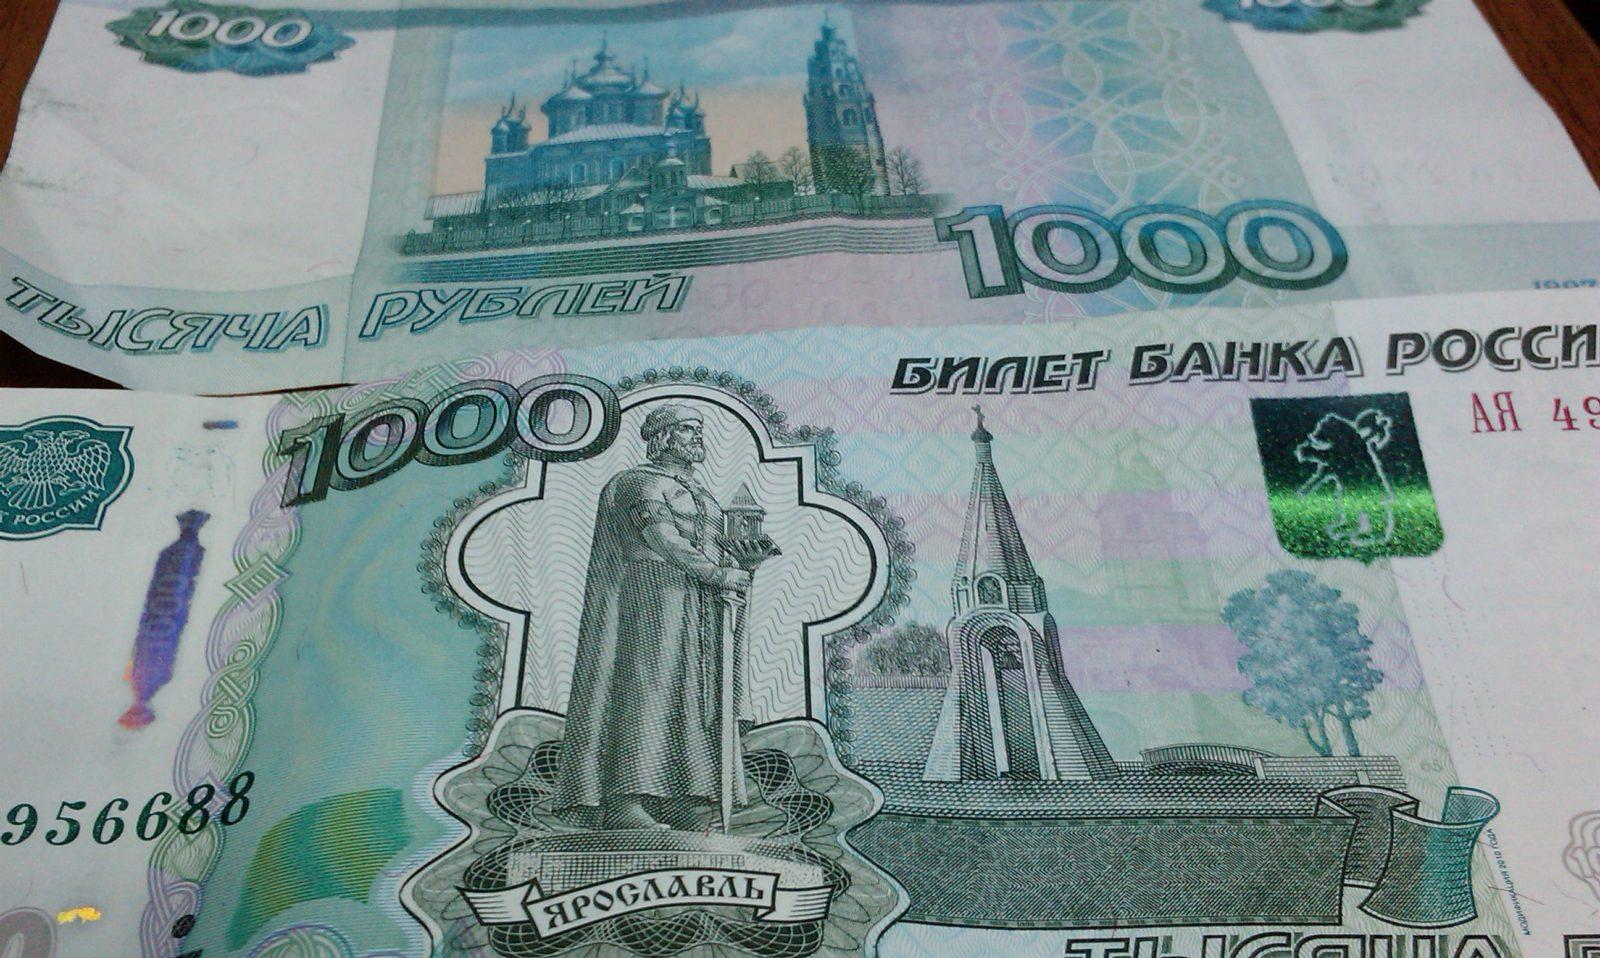 Двое полицейских попались навзятке вобъеме 2 тысячи руб.